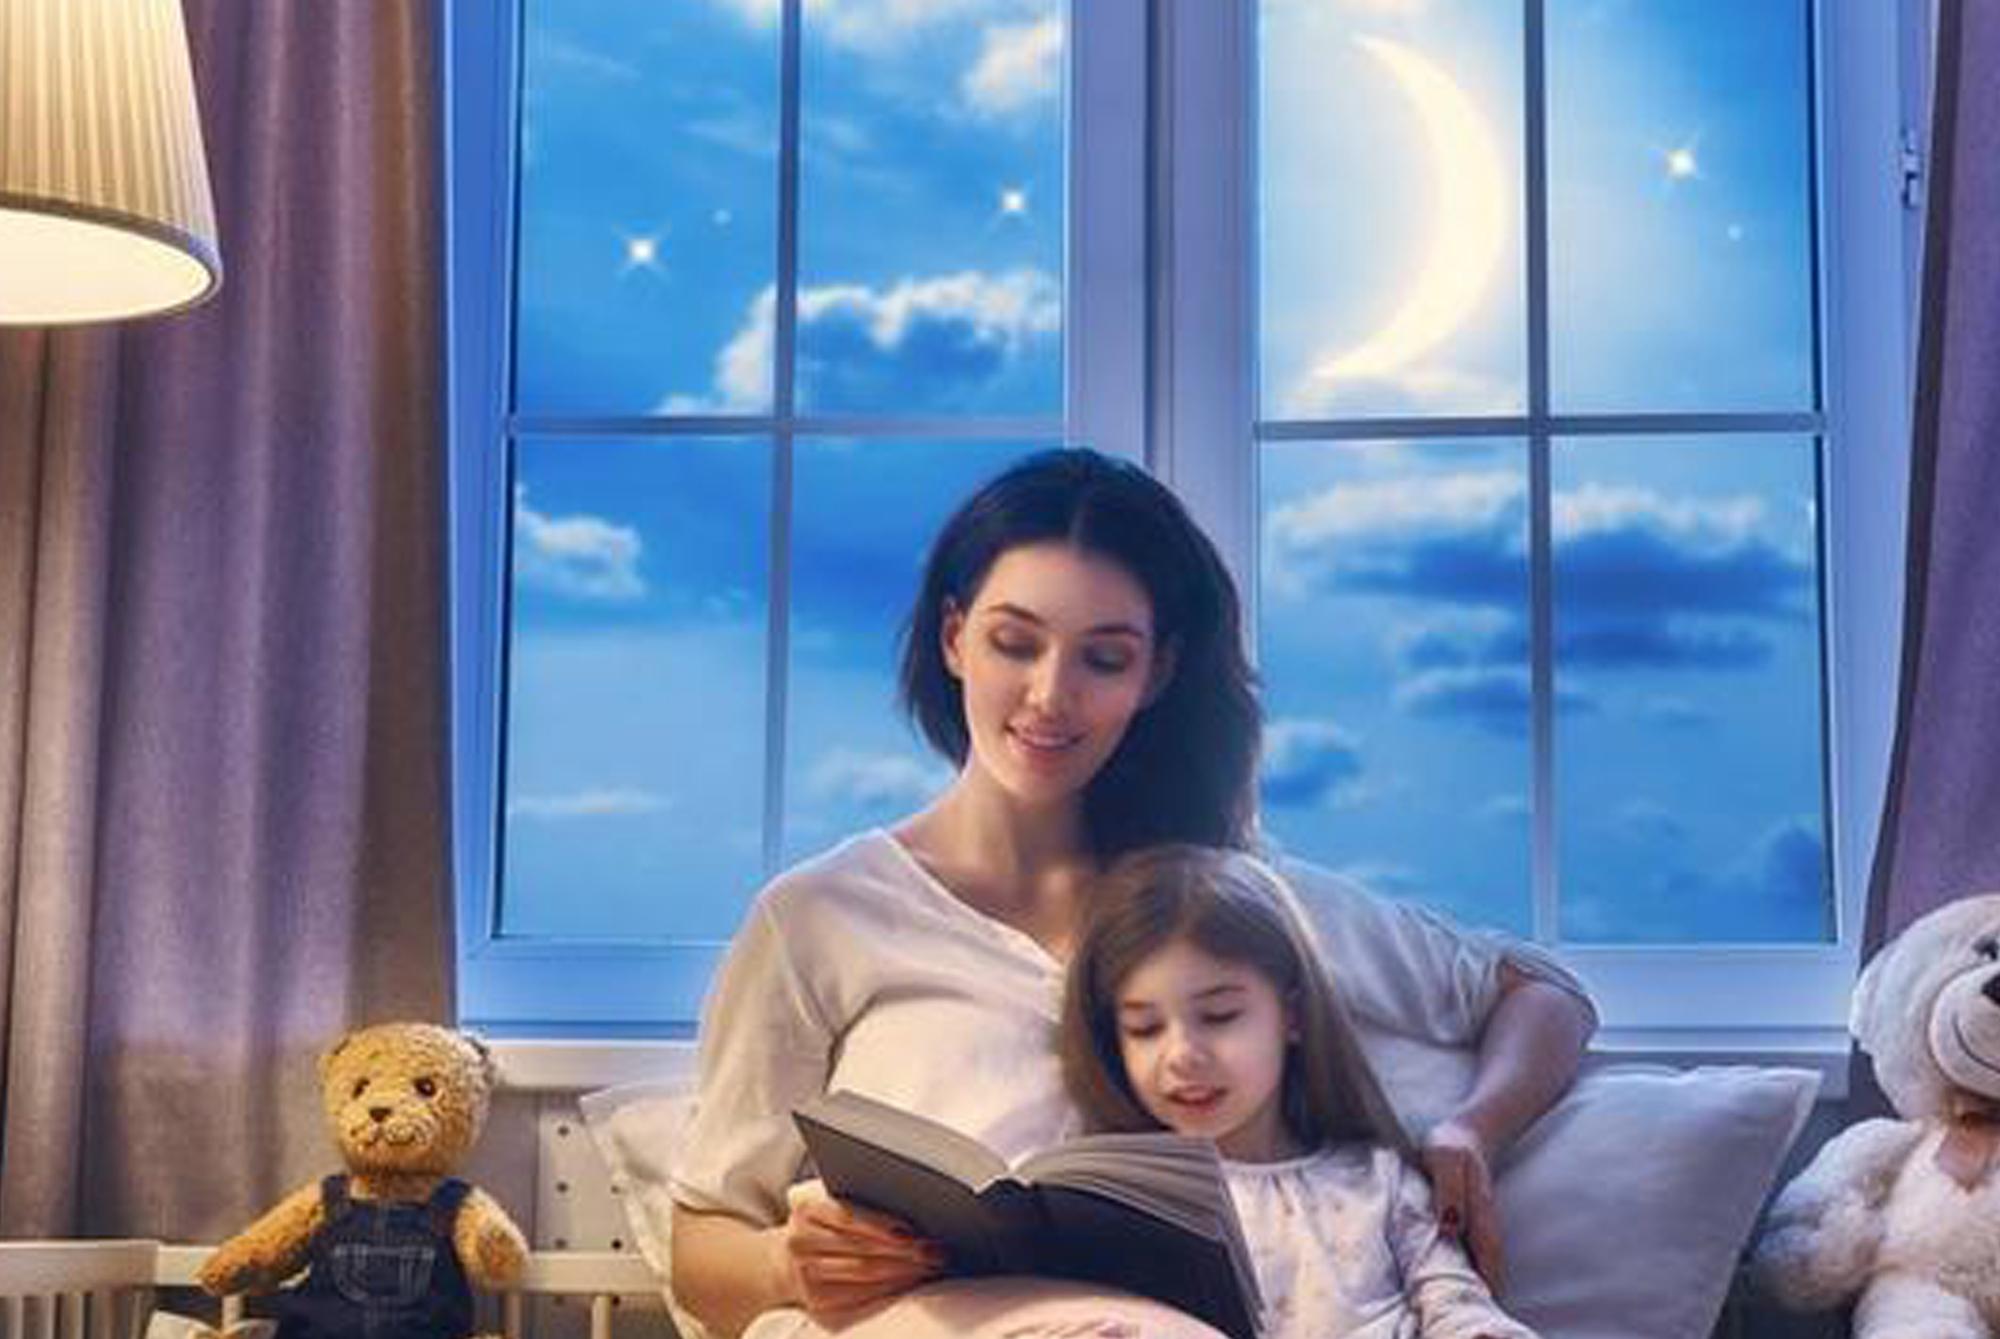 孩子的共情能力直接决定娃的性格,怎么培养,家长的角色很重要